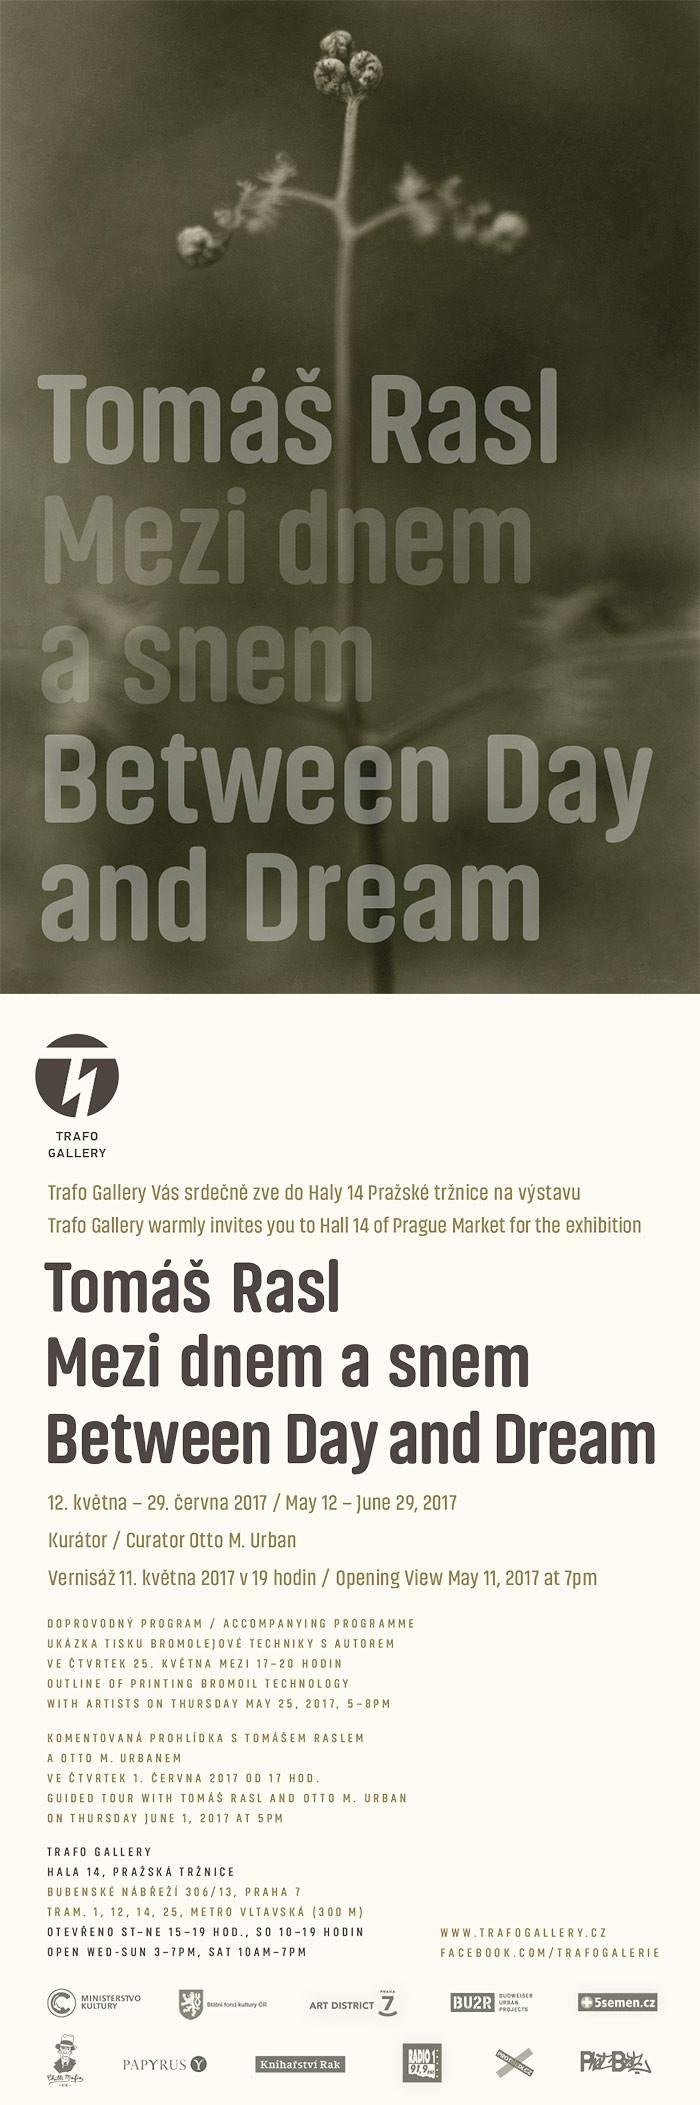 Tomáš Rasl - Mezi dnem a snem